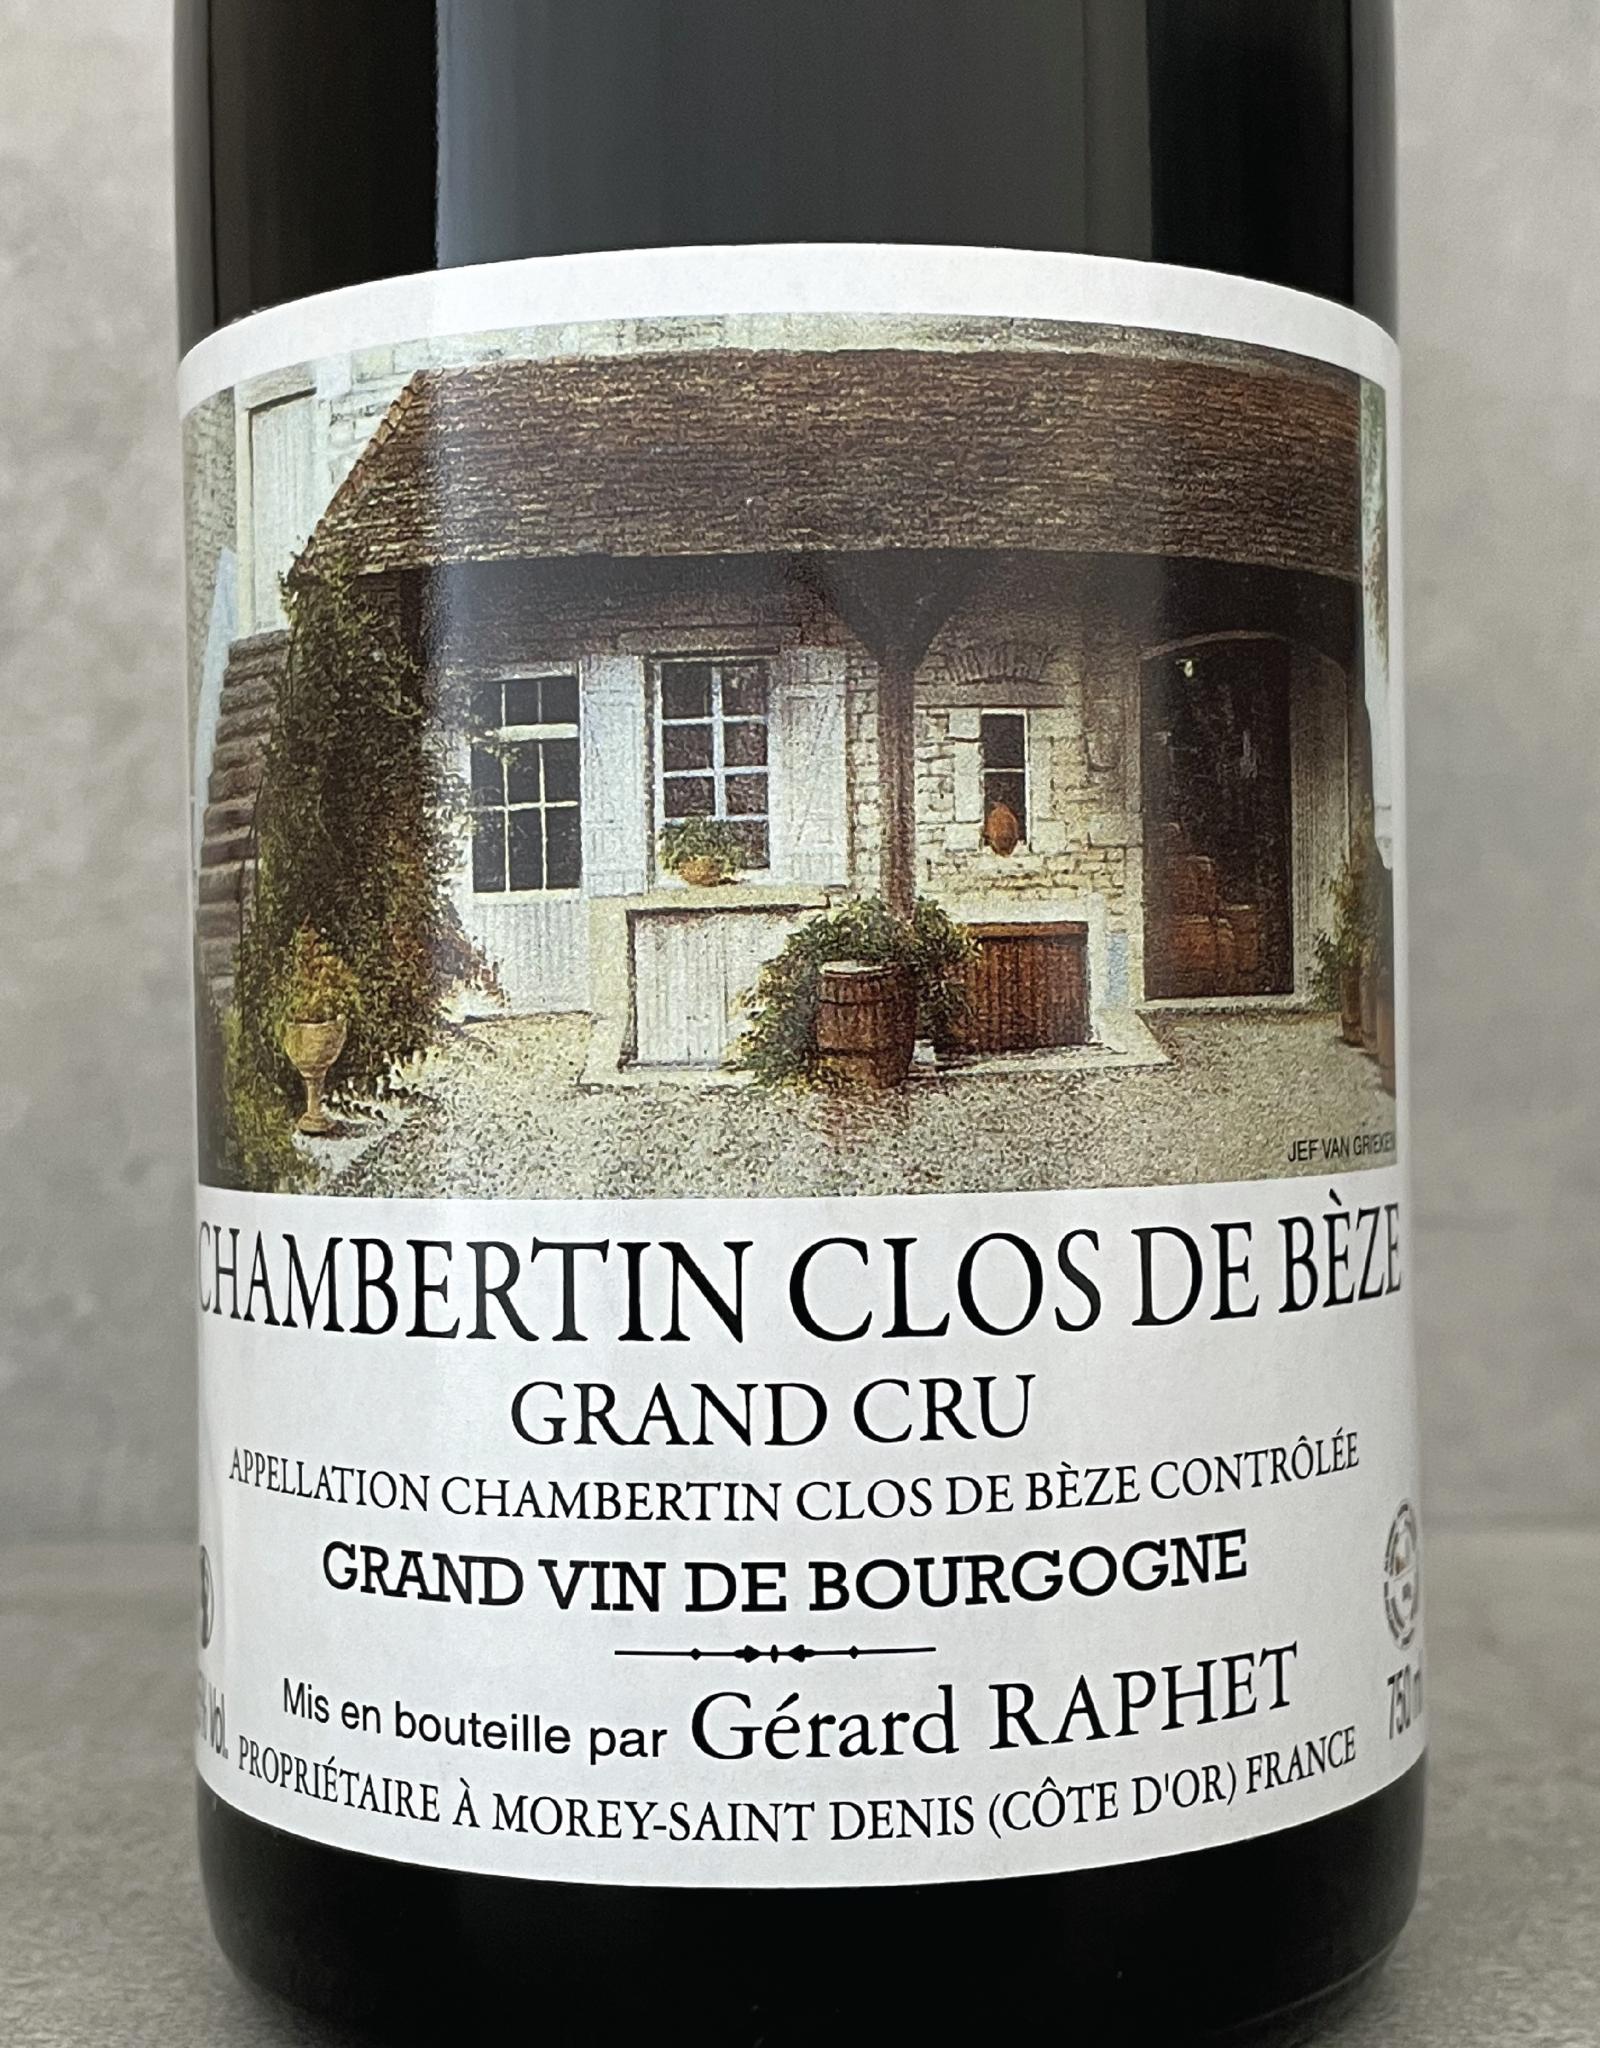 Gérard Raphet Chambertin Clos de Beze Grand Cru 2007